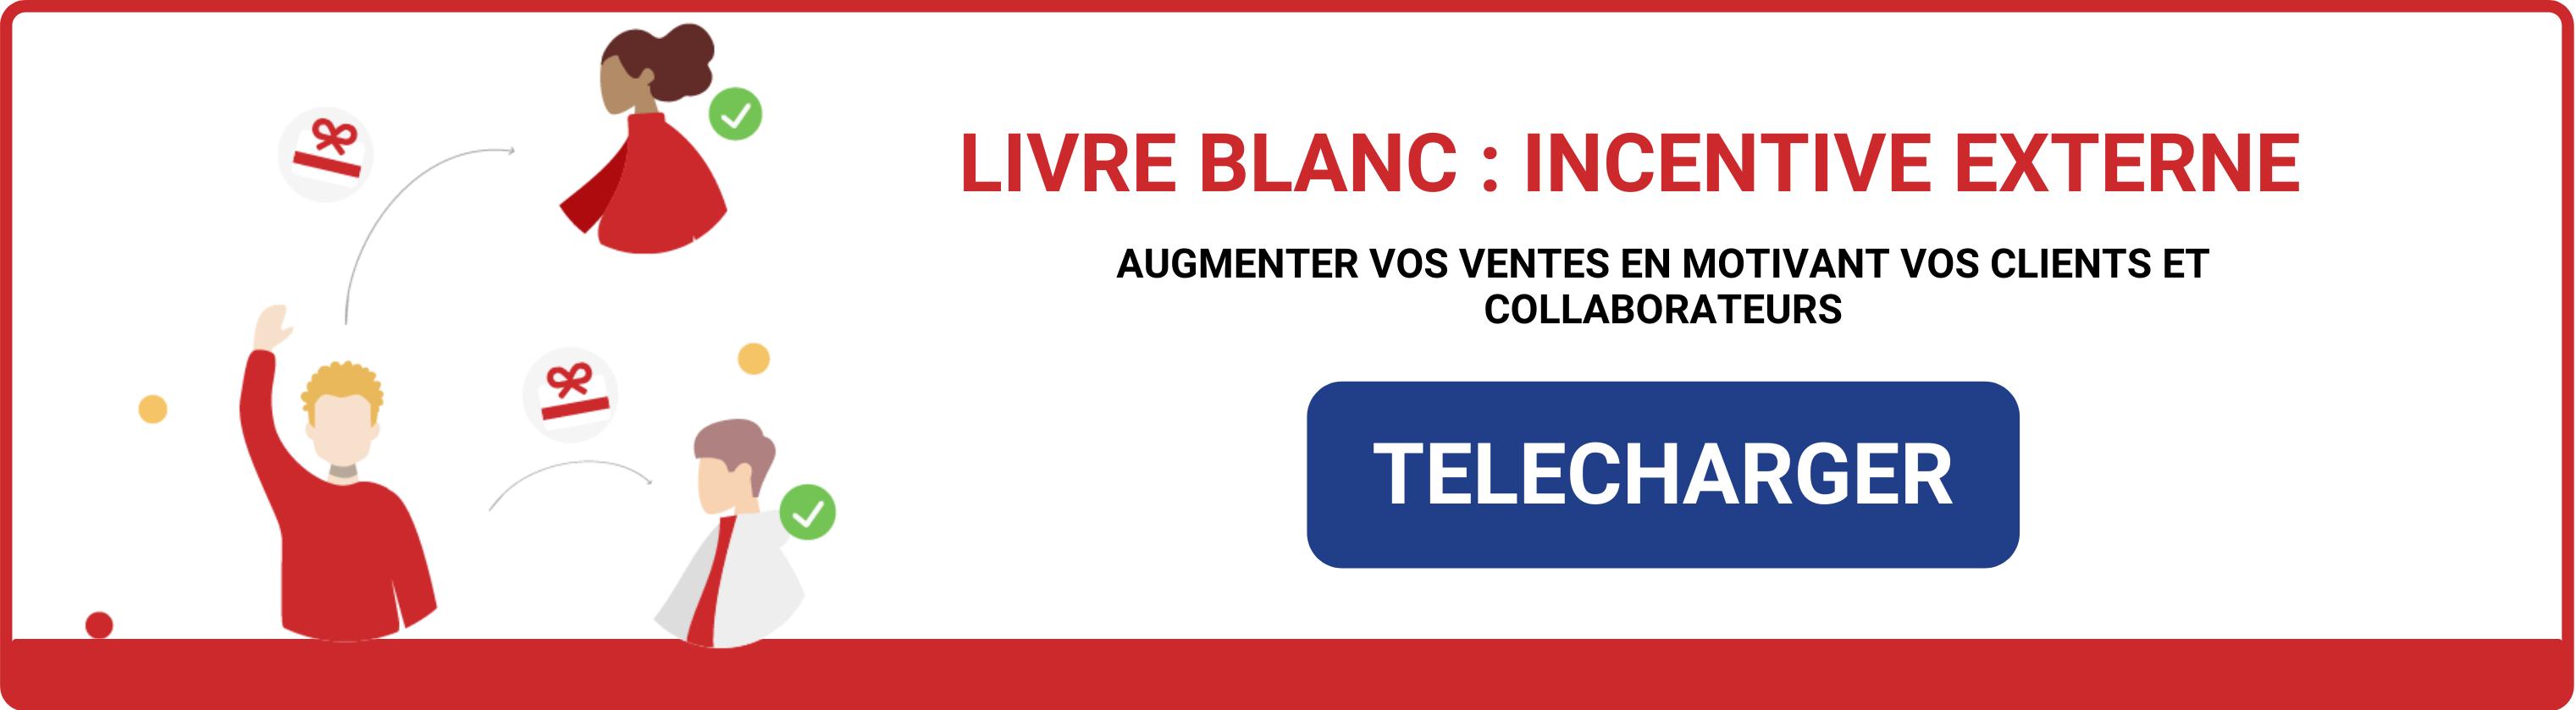 Telecharger-Livre-Blanc-Incentive-Externe